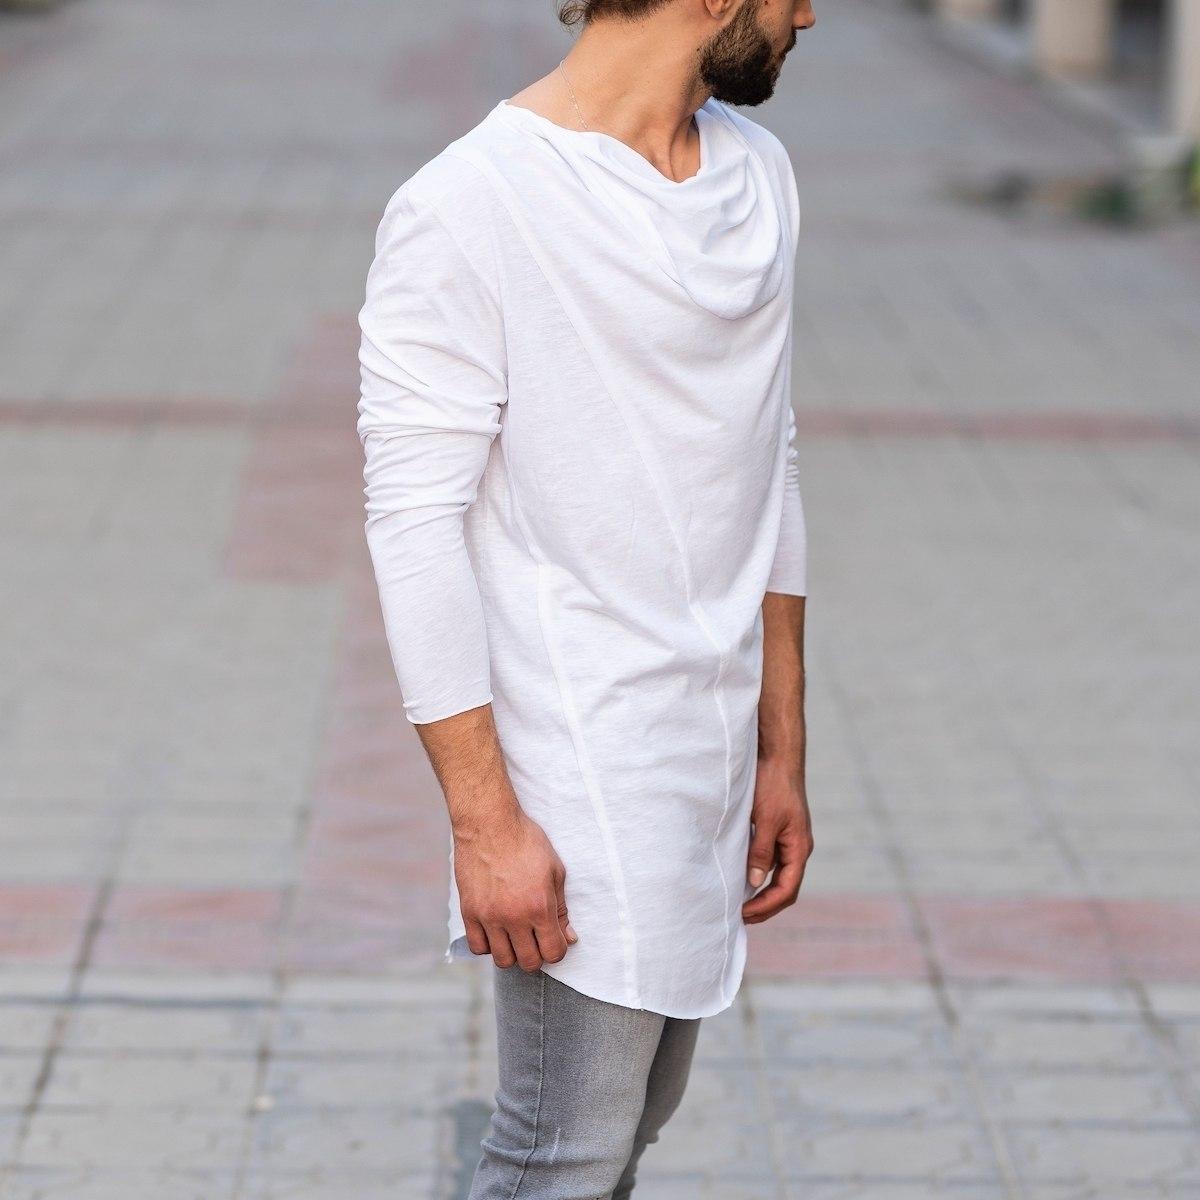 Scarf-Neck Sweatshirt In White Mv Premium Brand - 2